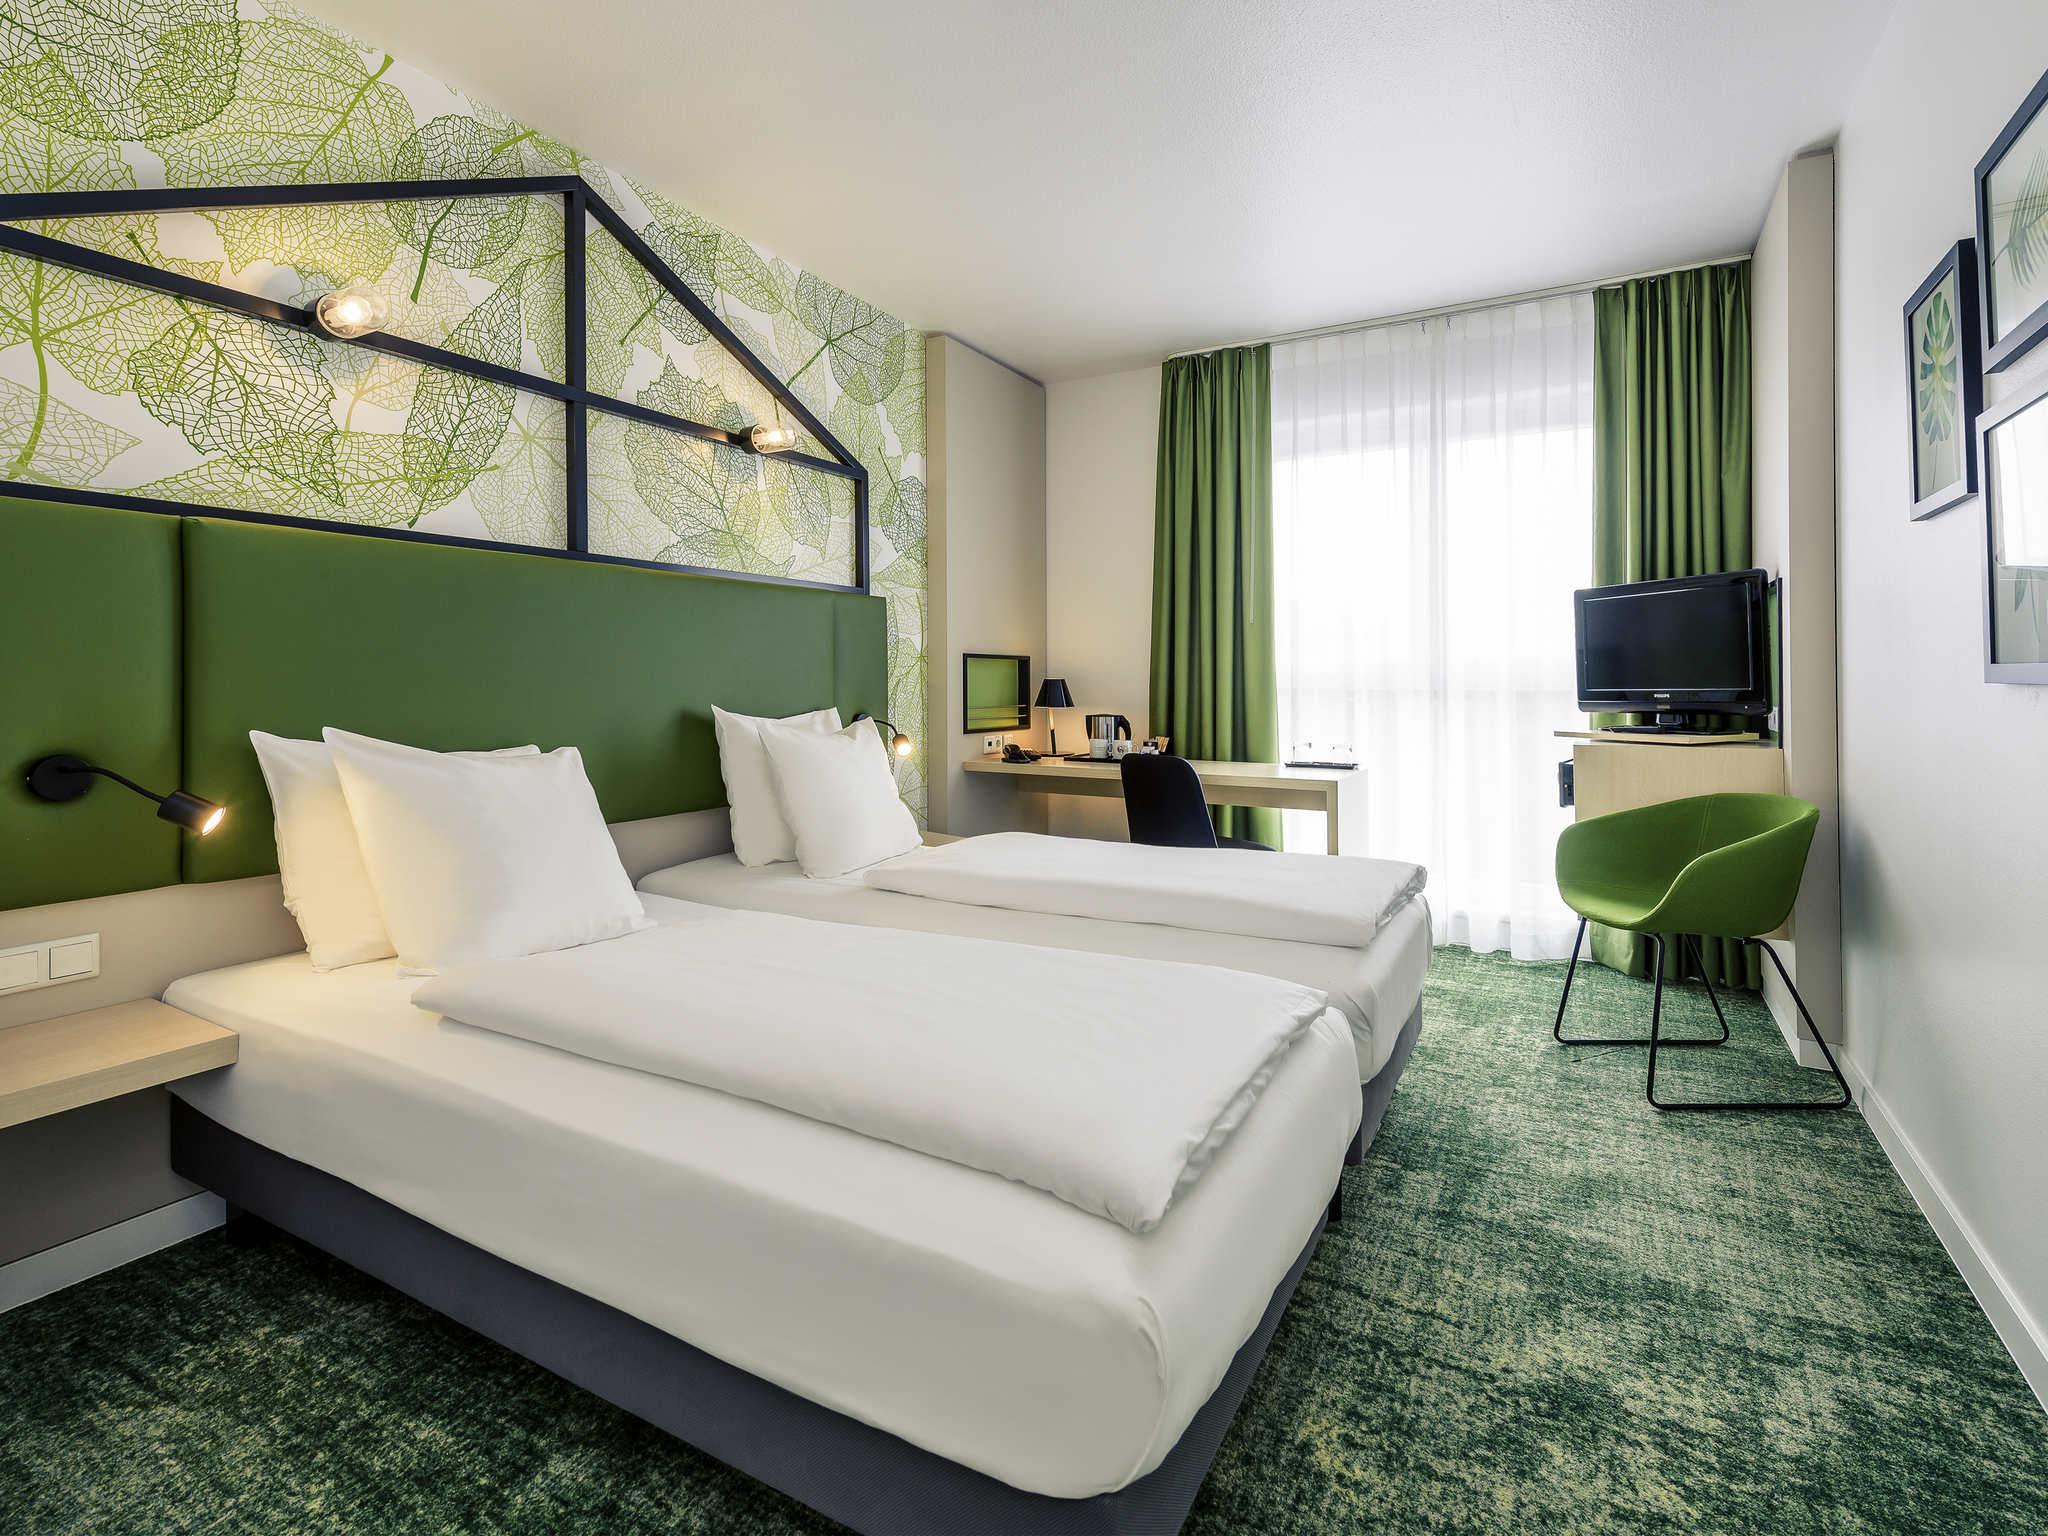 ホテル – メルキュールホテルハノーファーミッテ